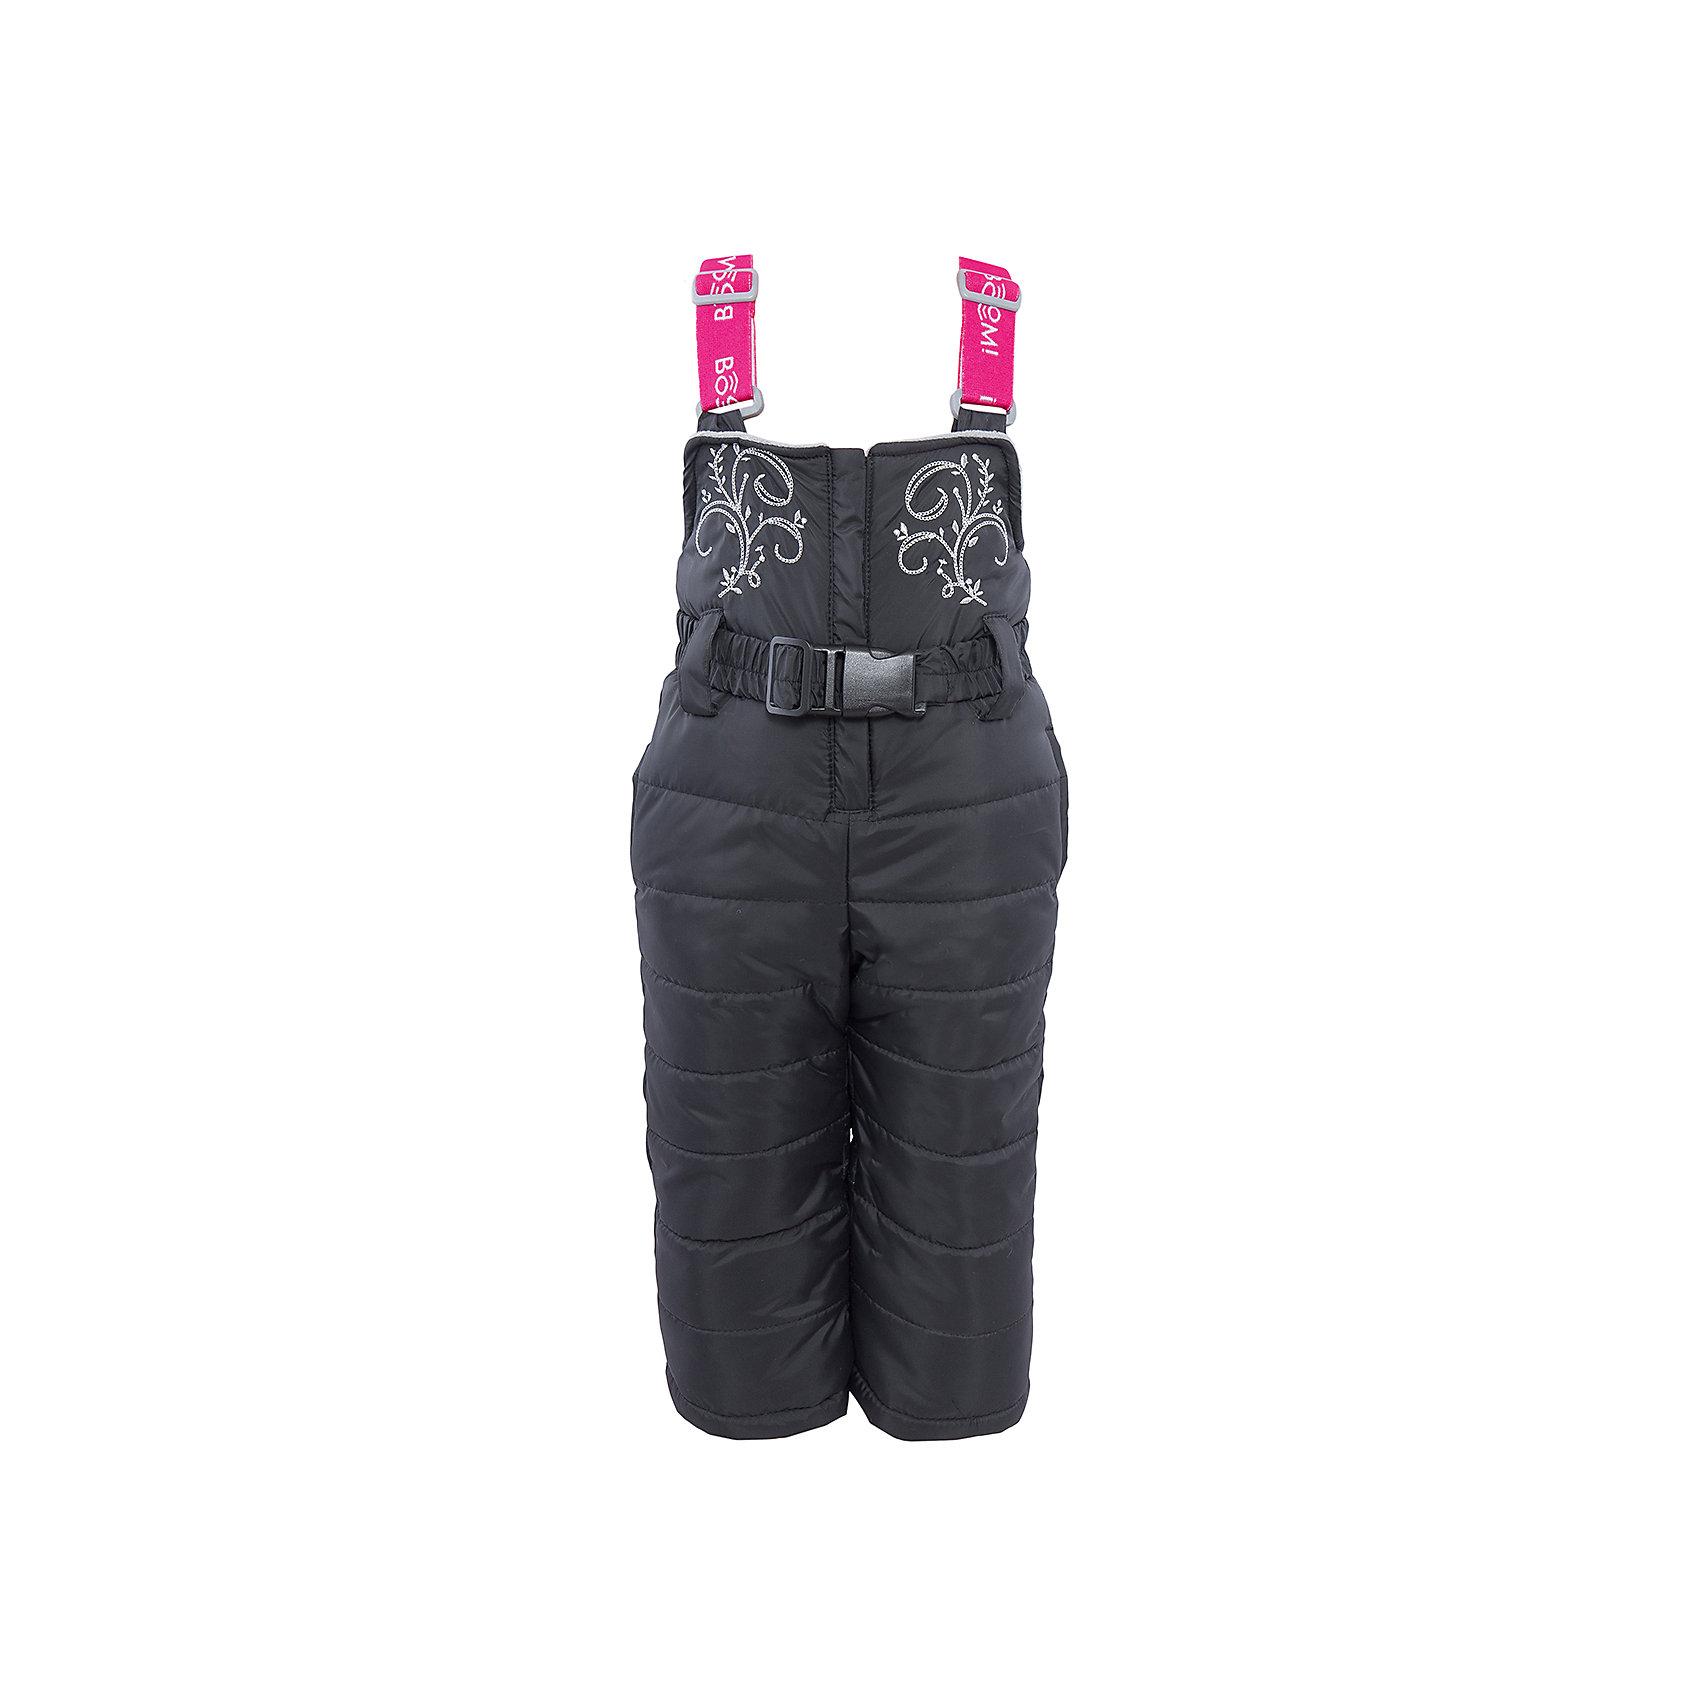 Полукомбинезон для девочки BOOM by OrbyВерхняя одежда<br>Характеристики изделия:<br><br>- материа л верха: 100% полиэстер;;<br>- подкладка: ПЭ, флис;<br>- утеплитель: эко-синтепон 200 г/м2; <br>- фурнитура: металл, пластик;<br>- застежка: молния;<br>- регулируемые лямки;<br>- эластичный пояс;<br>- вышивка;<br>- температурный режим до -30°С<br><br>В холодный сезон девочки хотят одеваться не только тепло, но и модно. Этот стильный и теплый полукомбинезон позволит ребенку наслаждаться зимним отдыхом, не боясь замерзнуть, и выглядеть при этом очень симпатично.<br>Изделие плотно сидит благодаря продуманному крою и надежным застежкам. Оно смотрится очень эффектно благодаря красивой вышивке. Полукомбинезон дополнен карманами и эластичным поясом.<br><br>Полукомбинезон для девочки от бренда BOOM by Orby можно купить в нашем магазине.<br><br>Ширина мм: 215<br>Глубина мм: 88<br>Высота мм: 191<br>Вес г: 336<br>Цвет: черный<br>Возраст от месяцев: 12<br>Возраст до месяцев: 18<br>Пол: Женский<br>Возраст: Детский<br>Размер: 86,134,104,128,80,98,116,122,92,110<br>SKU: 4982647